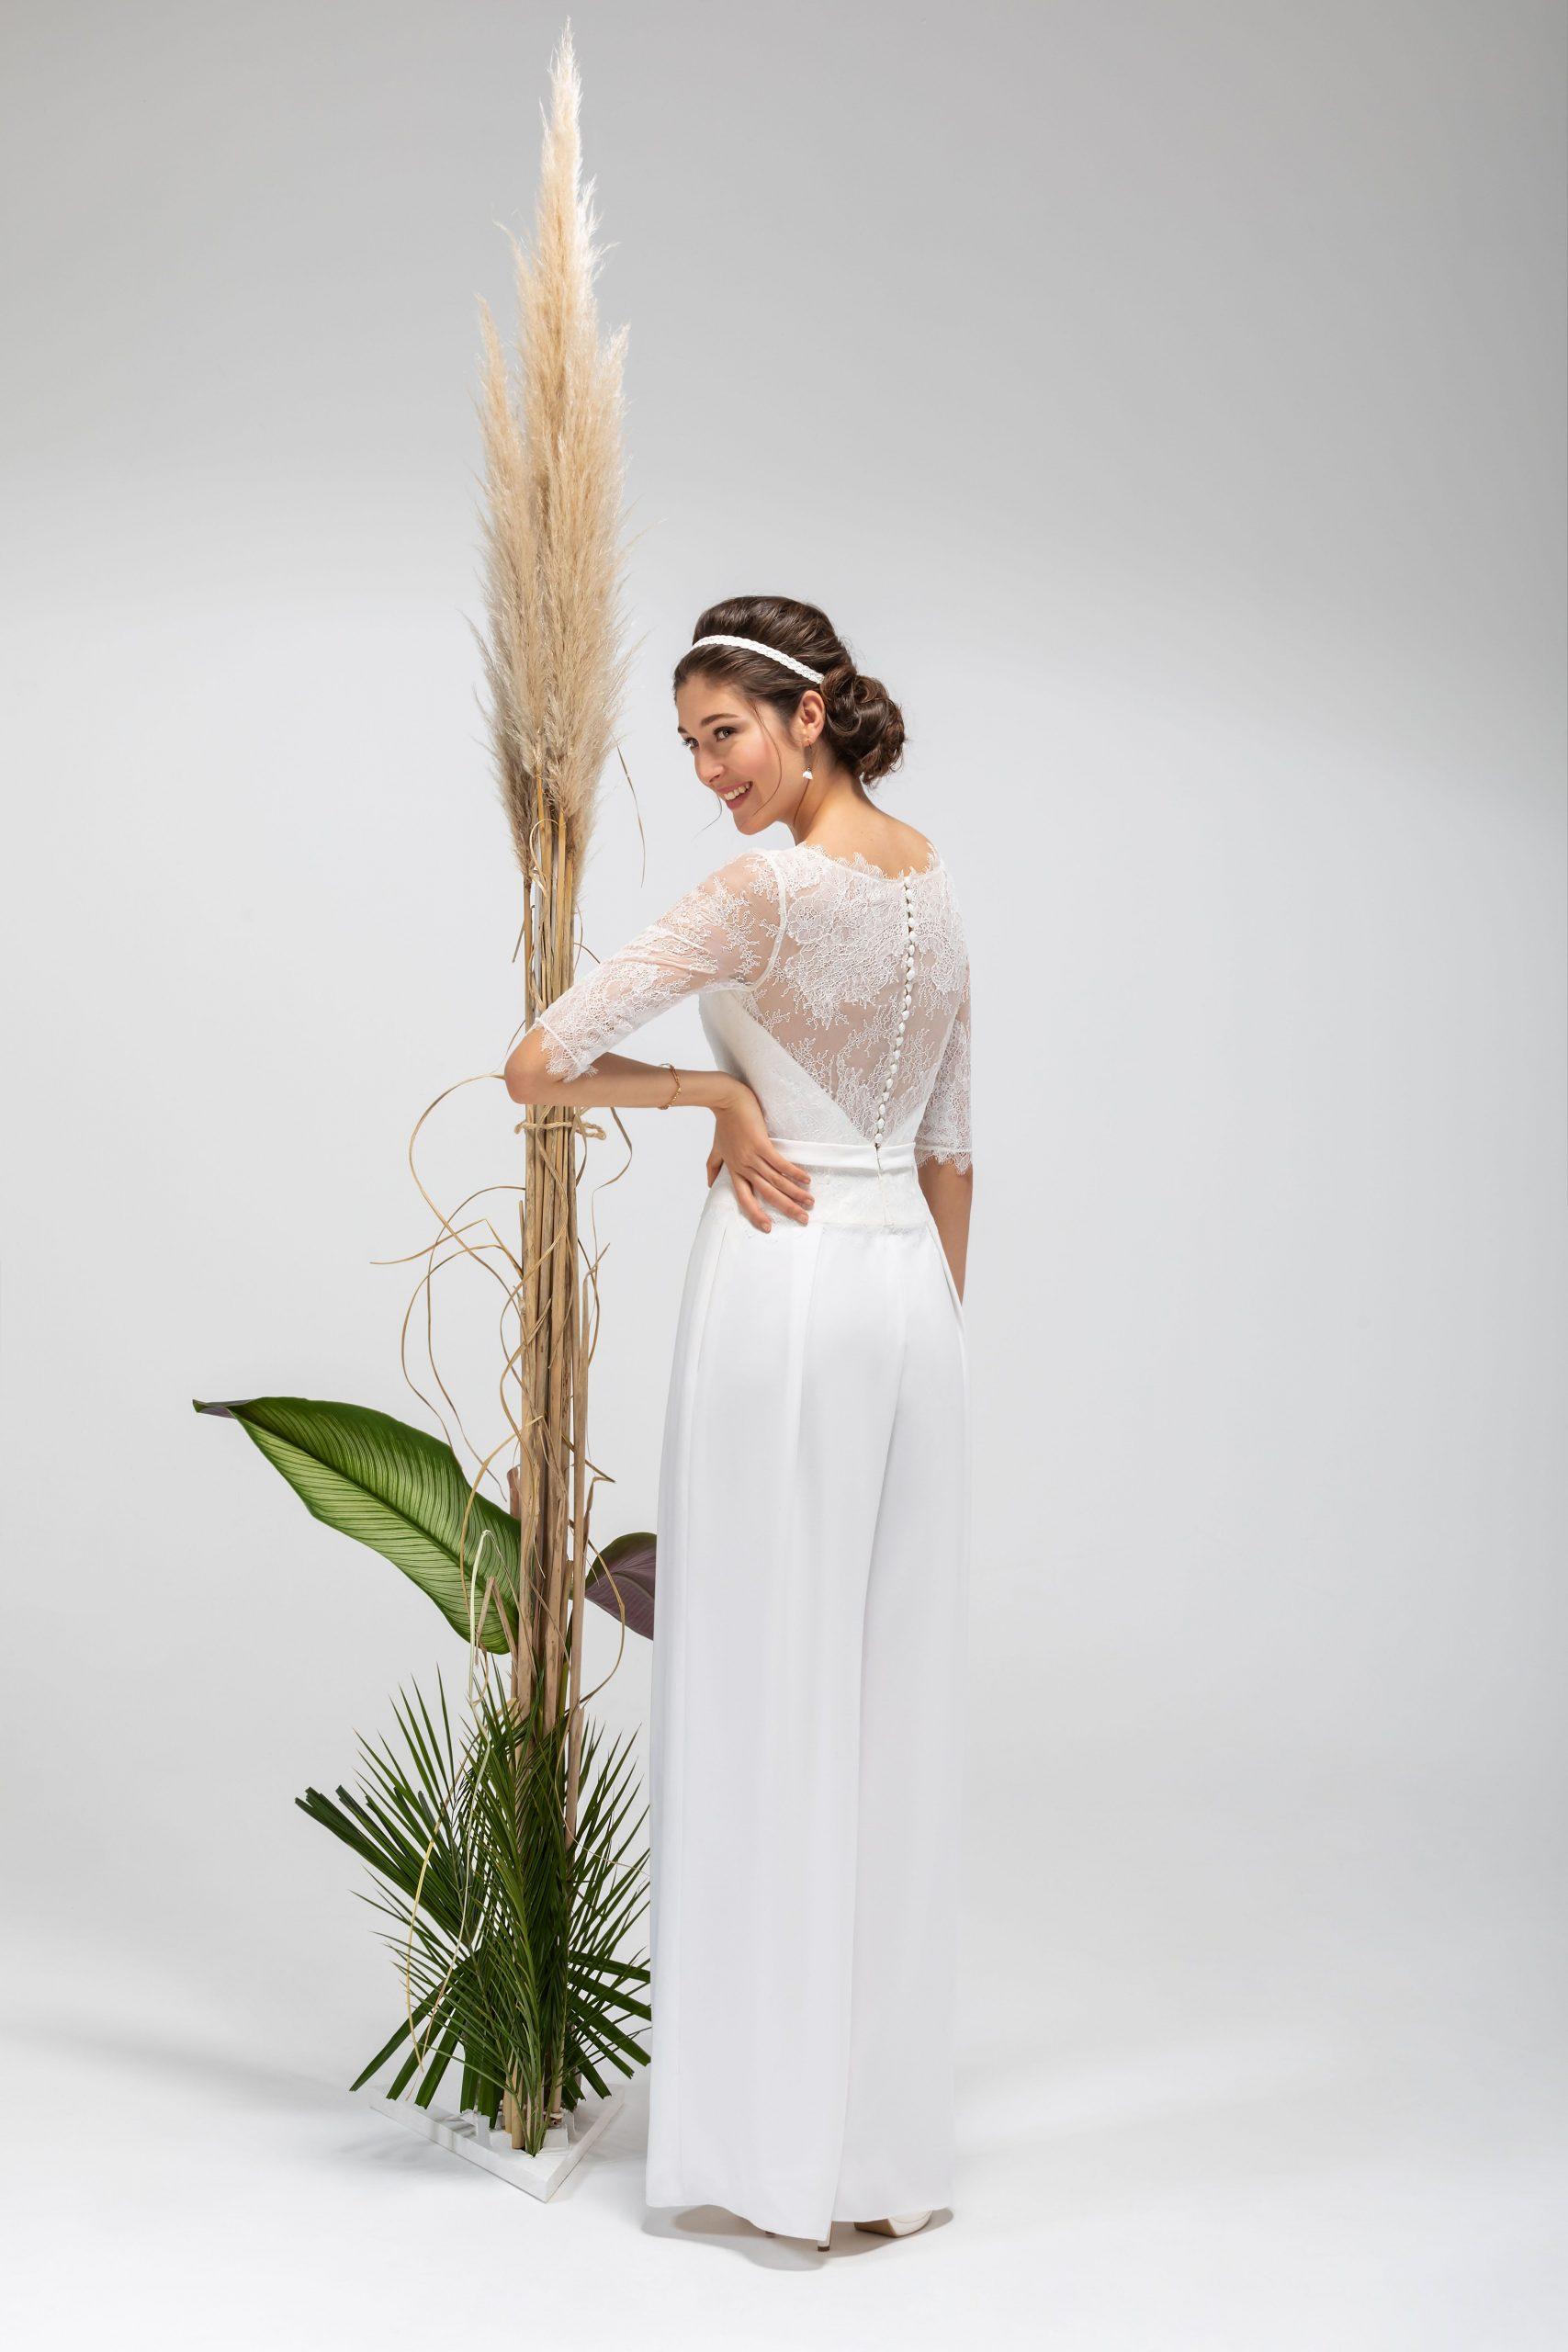 Brautkleid #braut #hochzeit2020#hochzeitskleid #hochzeit